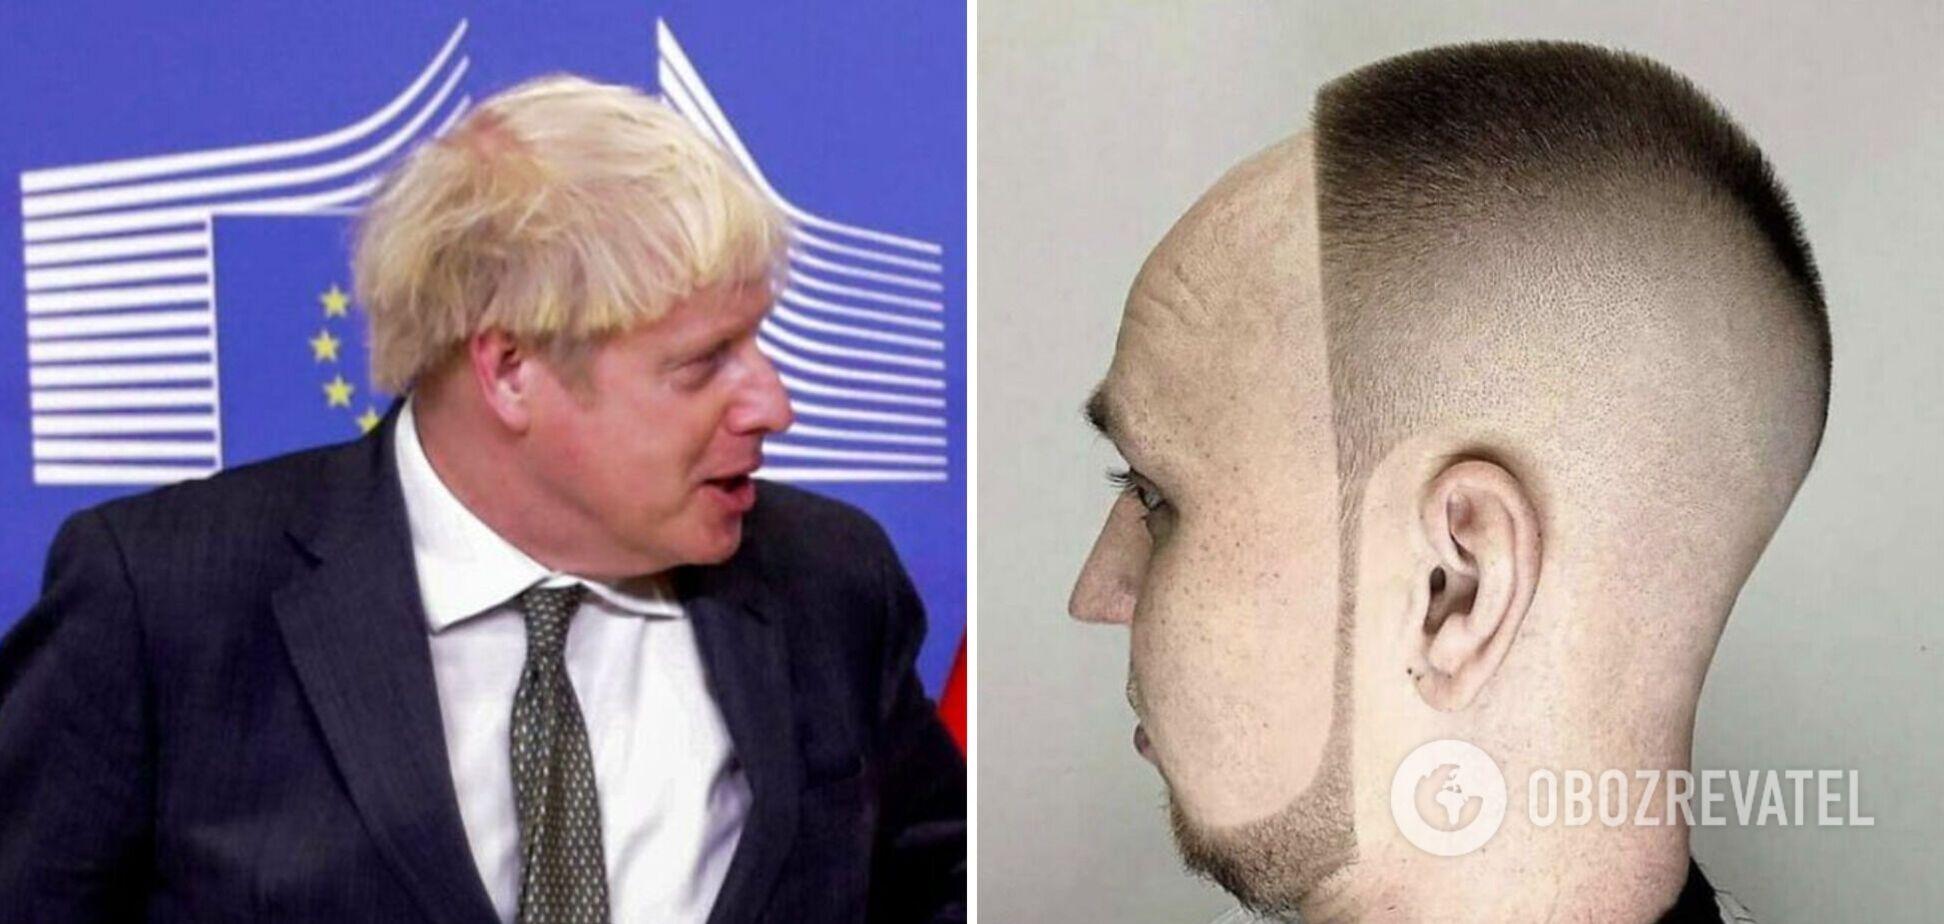 Від одного неправильного руху зачіска може повністю зіпсуватися